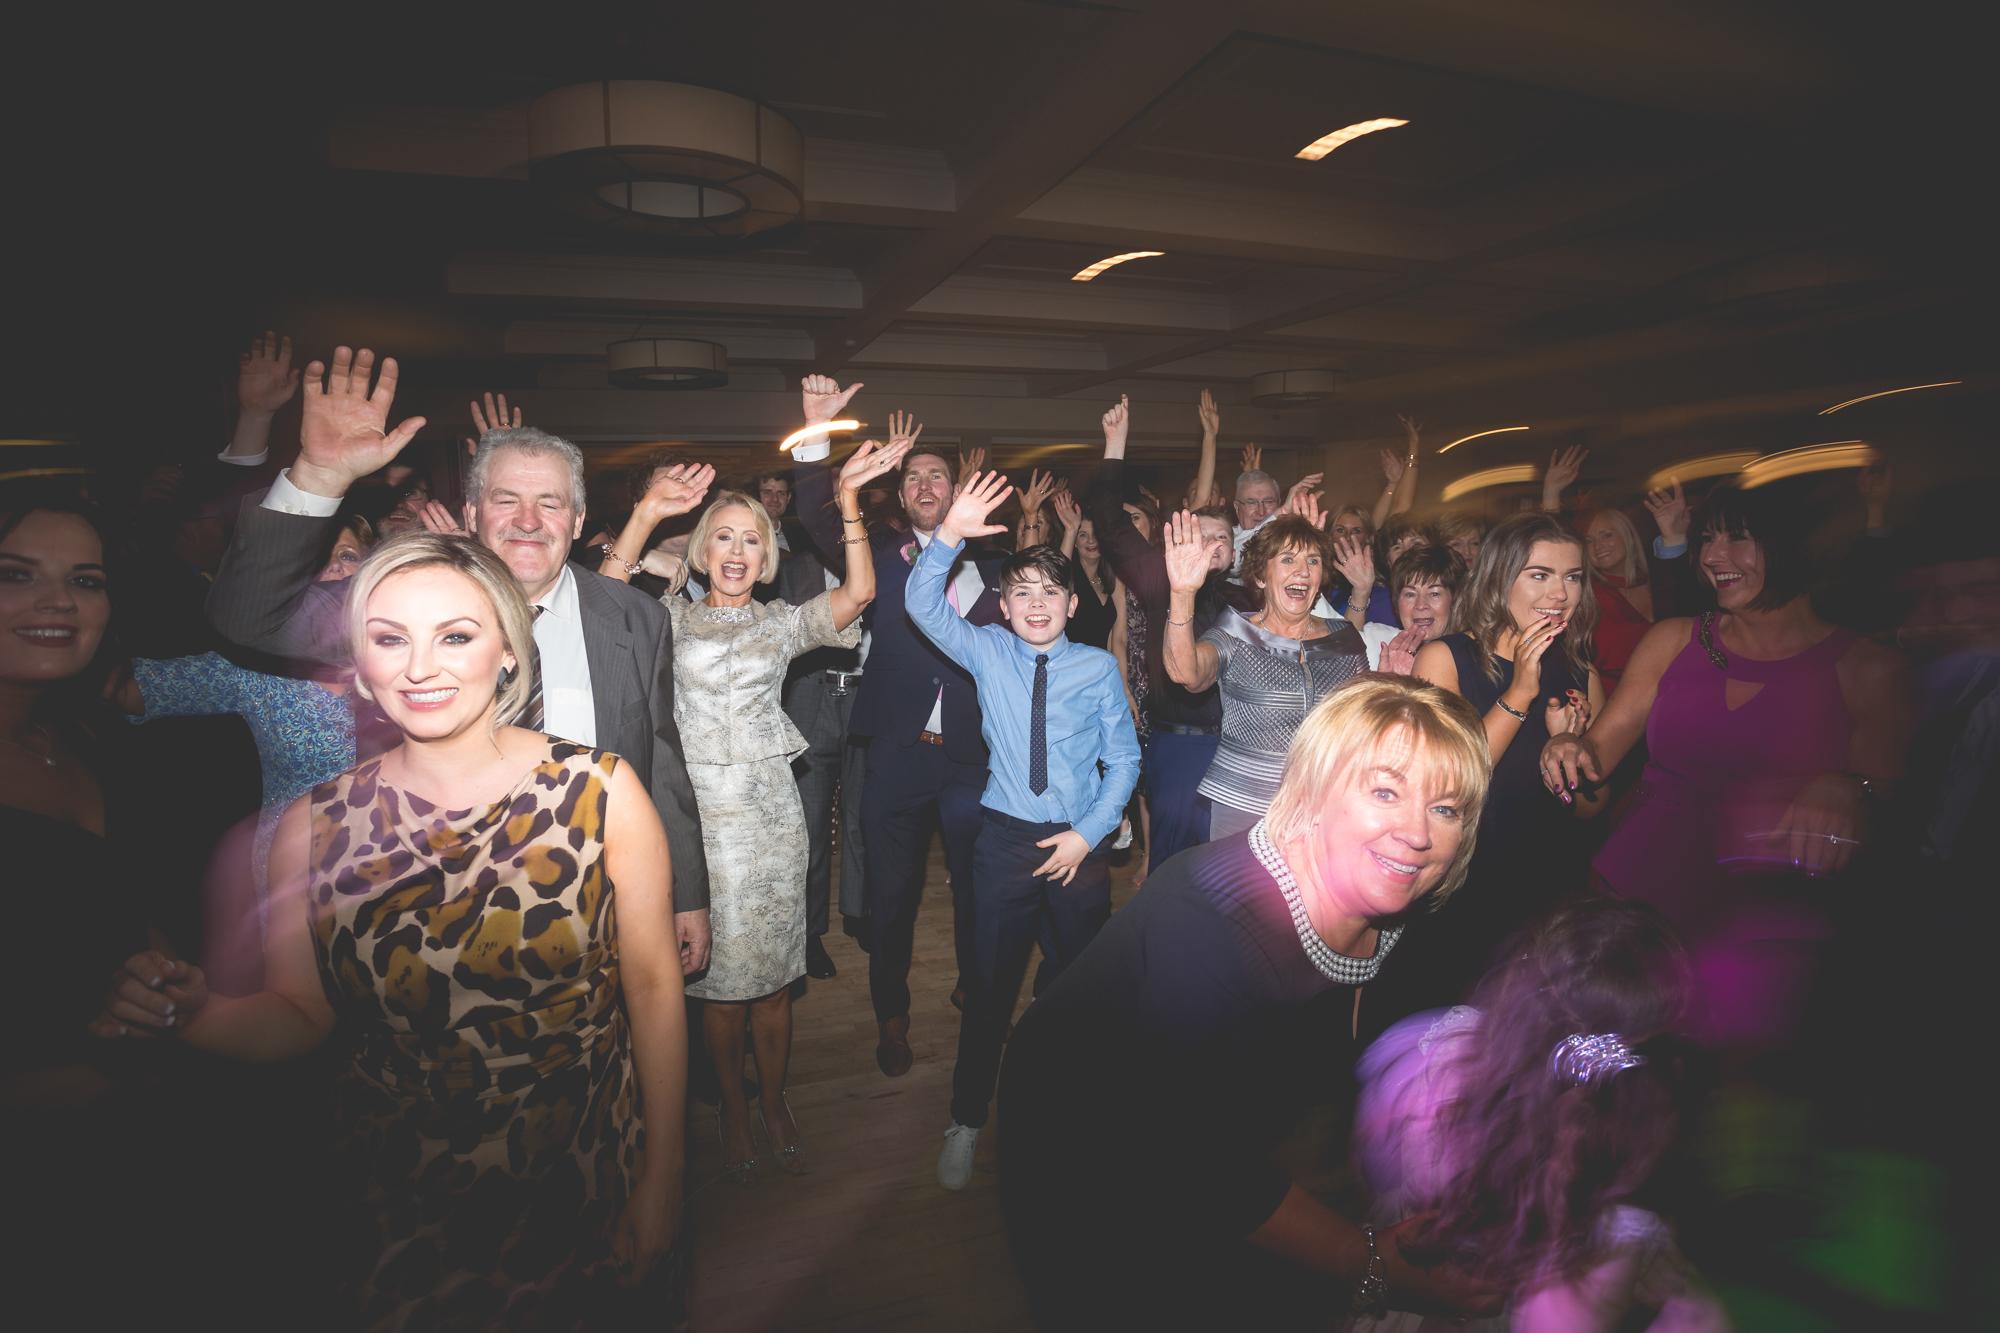 Francis&Oonagh-Dancing-28.jpg